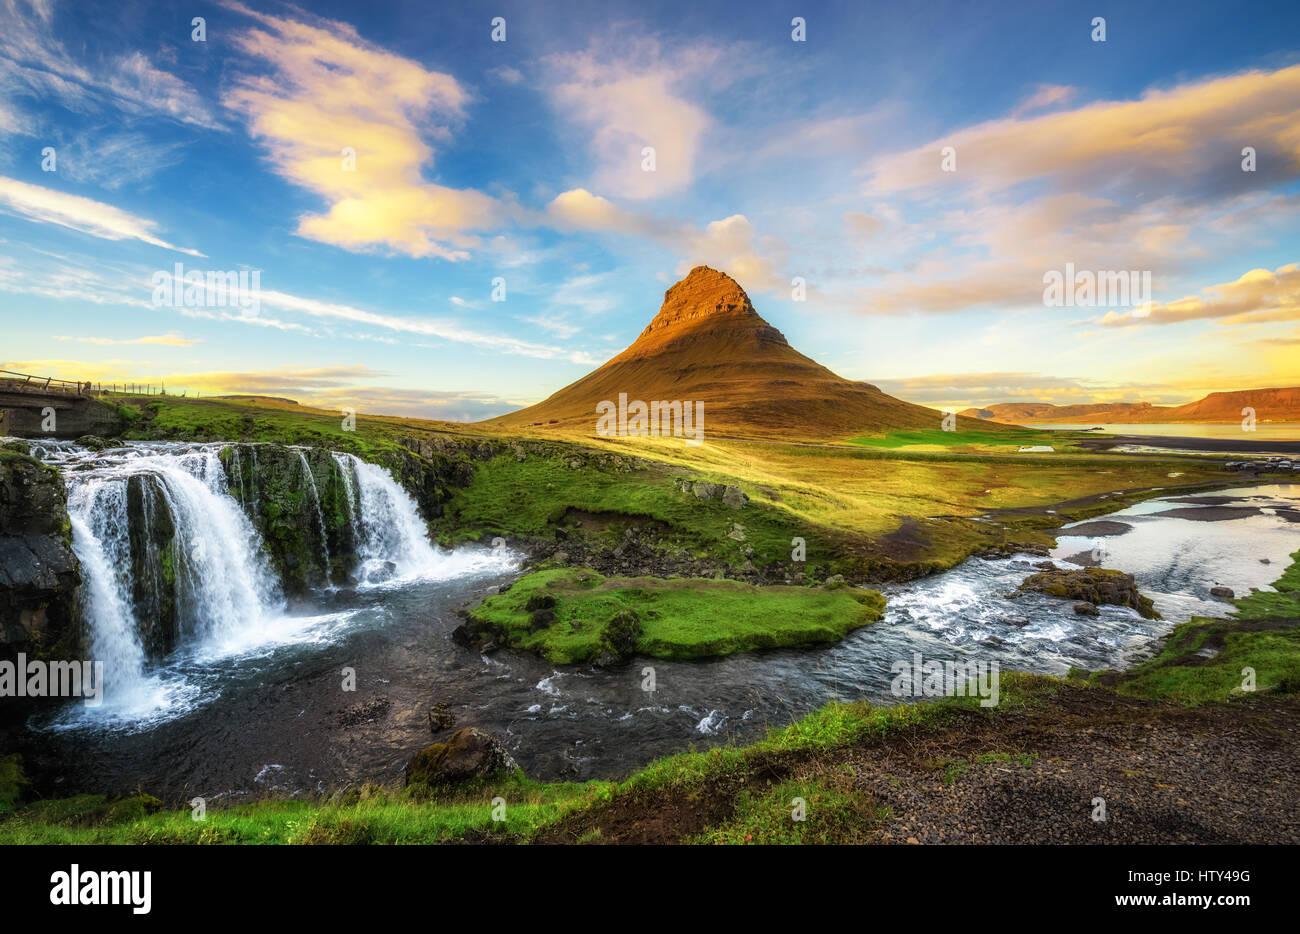 Verano atardecer en la famosa montaña Kirkjufell Kirkjufellsfoss cascada con en el fondo en Islandia Imagen De Stock